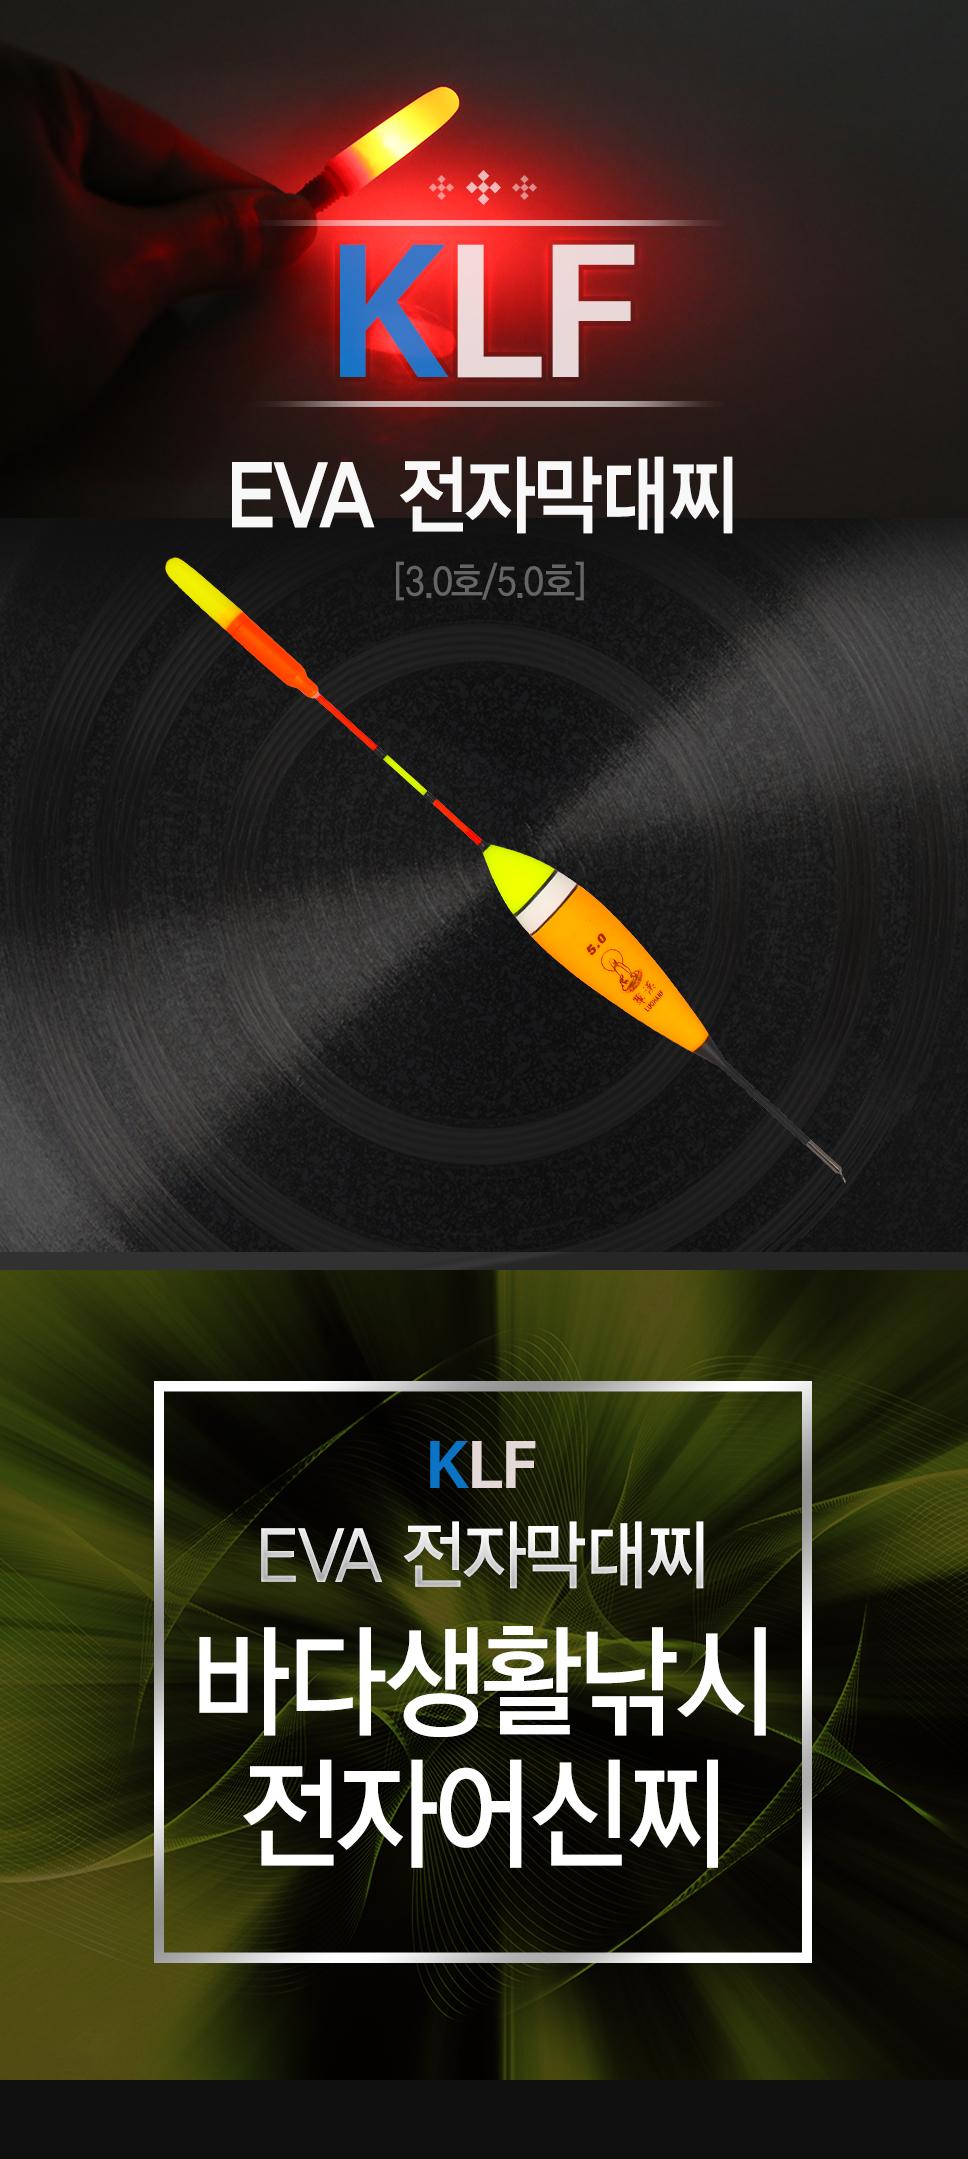 EVA 전자막대찌 다용도 바다 생활낚시 전자어신찌 에바찌 고등어찌 eva 전자막대찌 바다전자찌 전자찌 바다찌